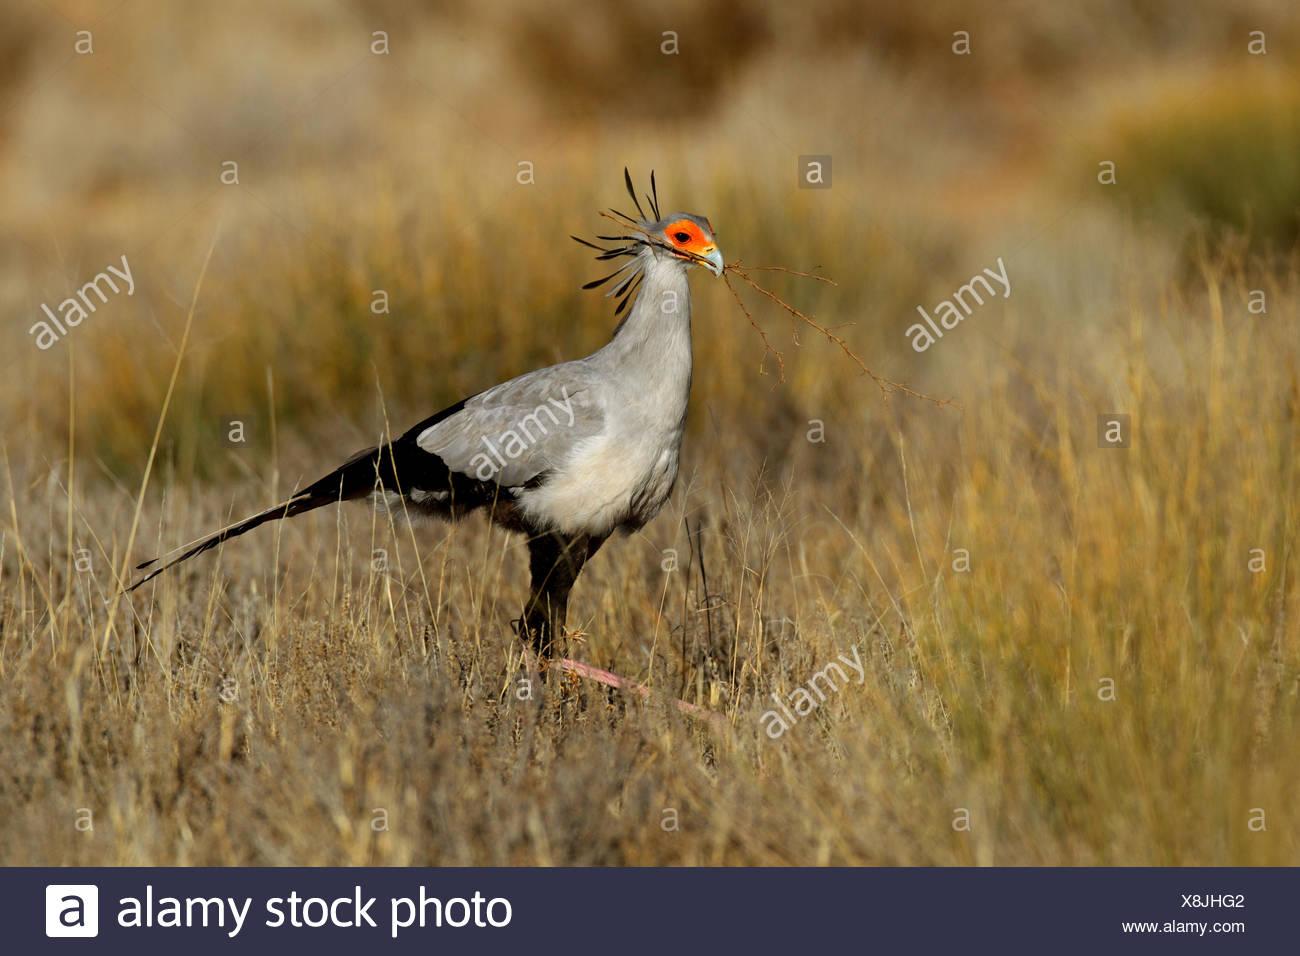 Sekretär Vogel, Schütze Serpentarius (Sagittarius Serpentarius), Fuß durch Wiesen und sucht nach Verschachtelung Material, Südafrika, Kgalagadi Transfrontier National Park Stockbild